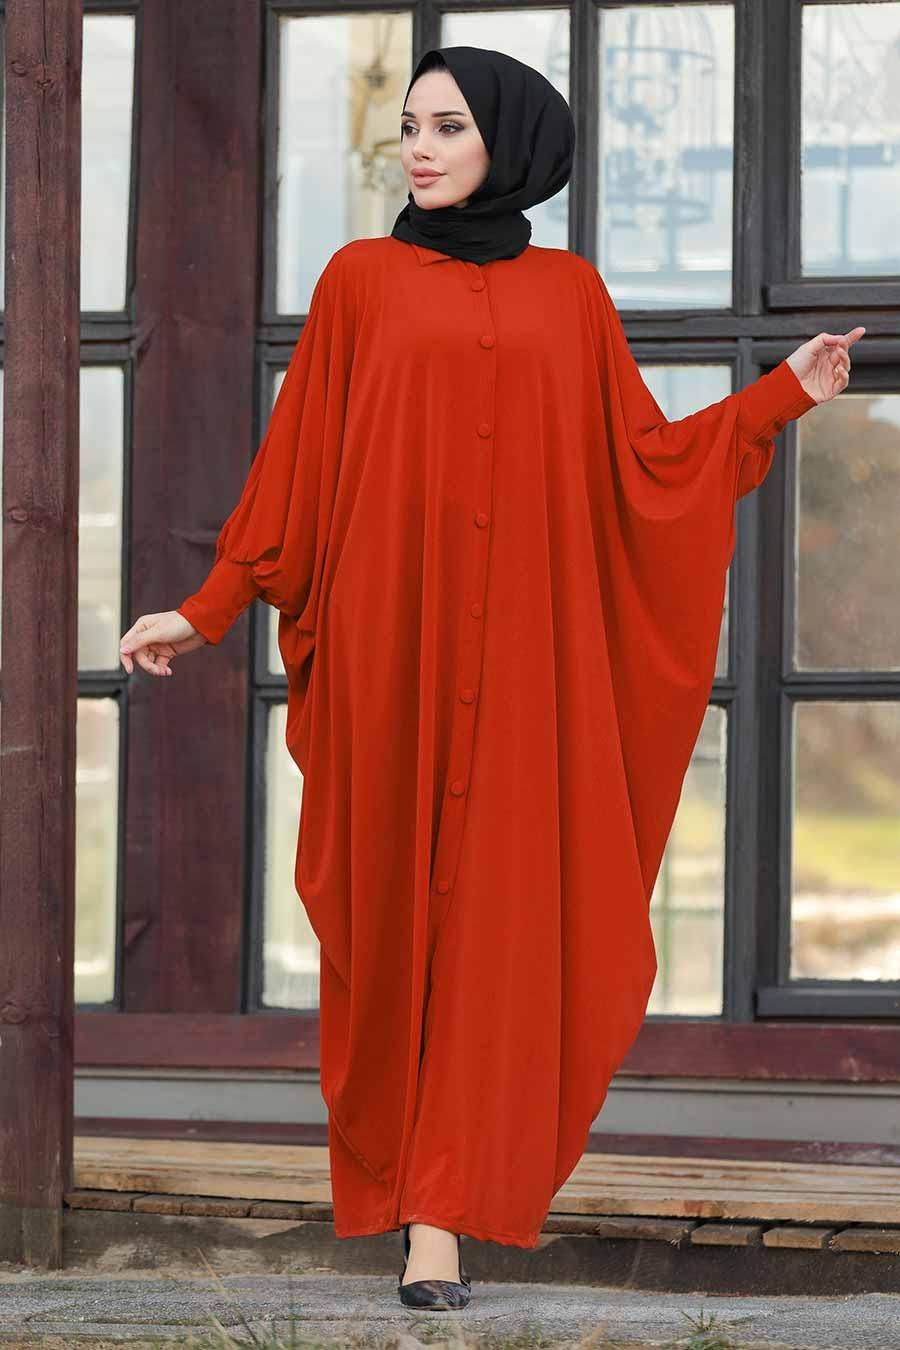 عباية محتشمة أحمر طوبي نسائية